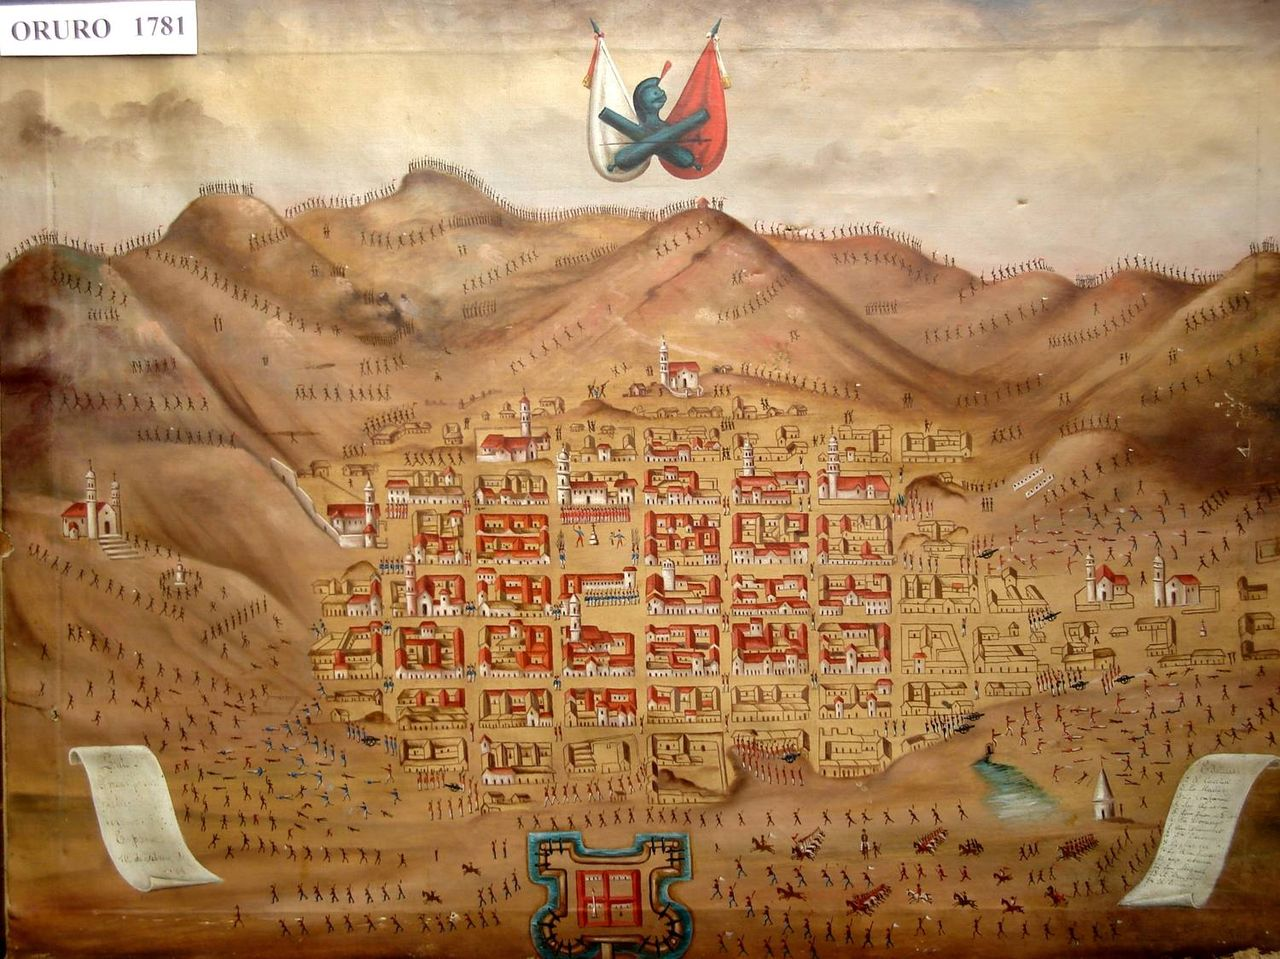 La Rebelión contra España de los criollos de Oruro y la emancipación de Argentina